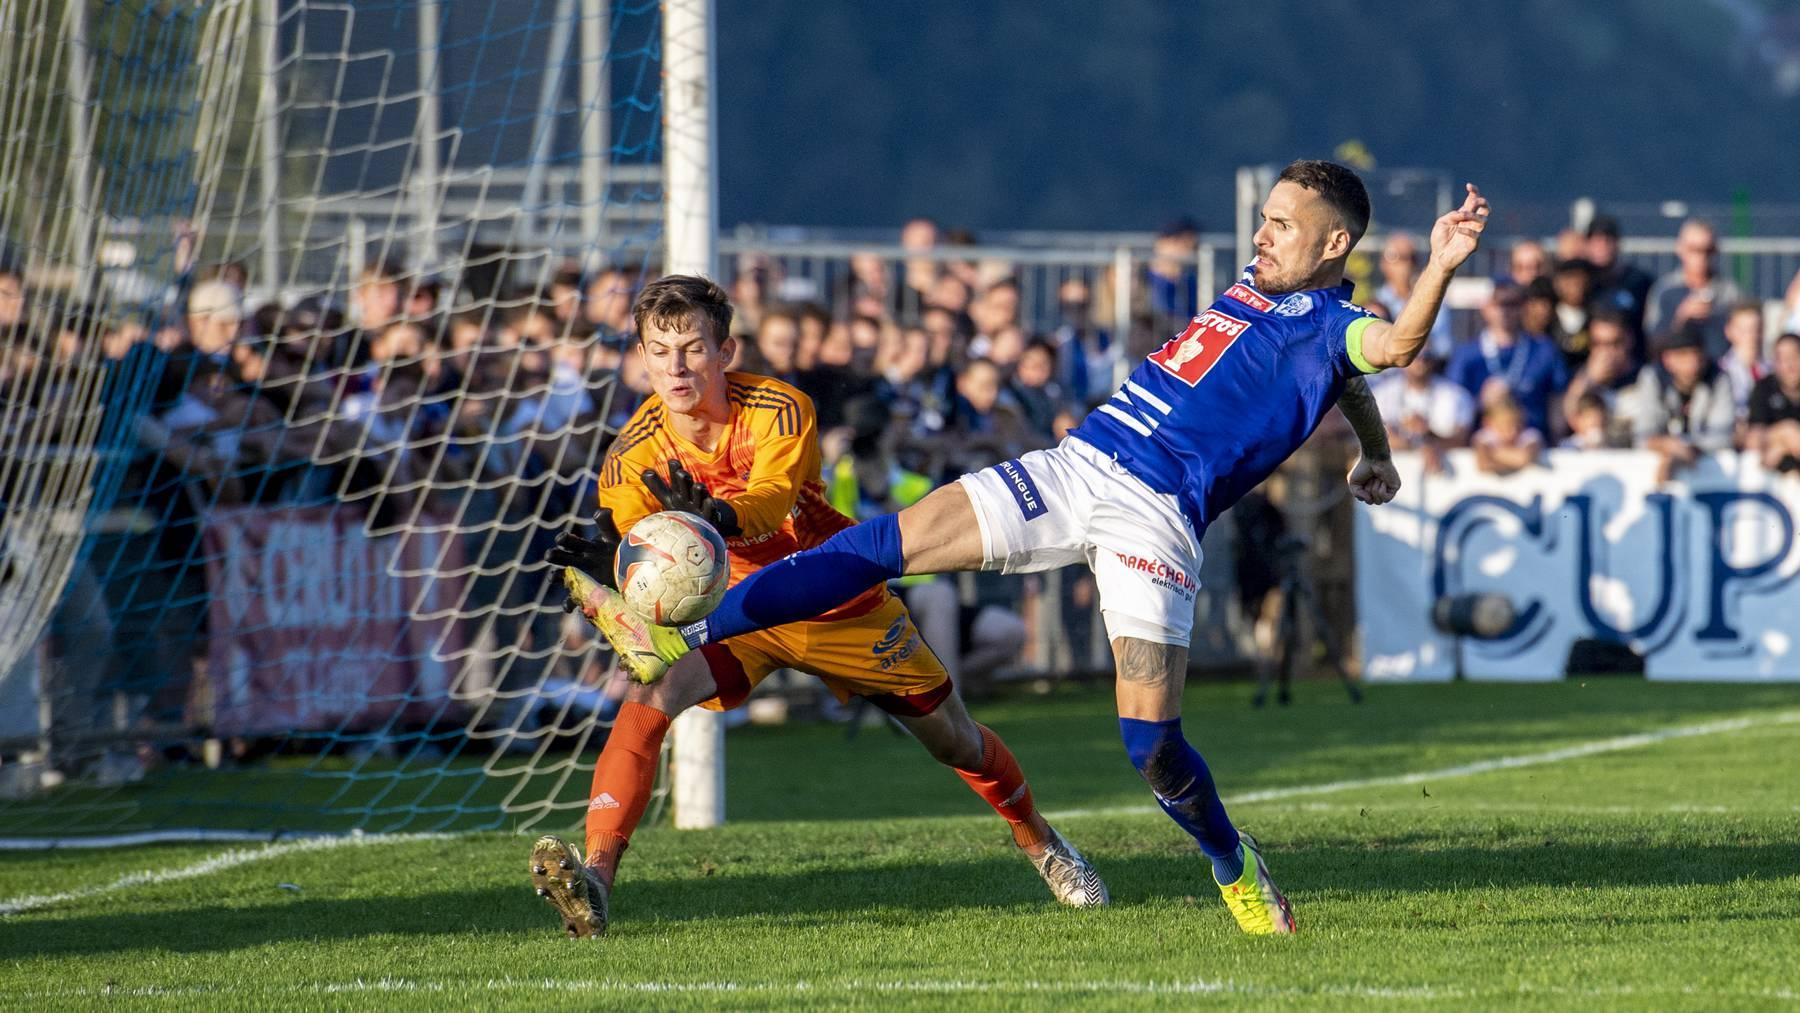 Der Buochser Goalie Raphael Radtke vereitelte eine FCL-Chance nach der anderen.